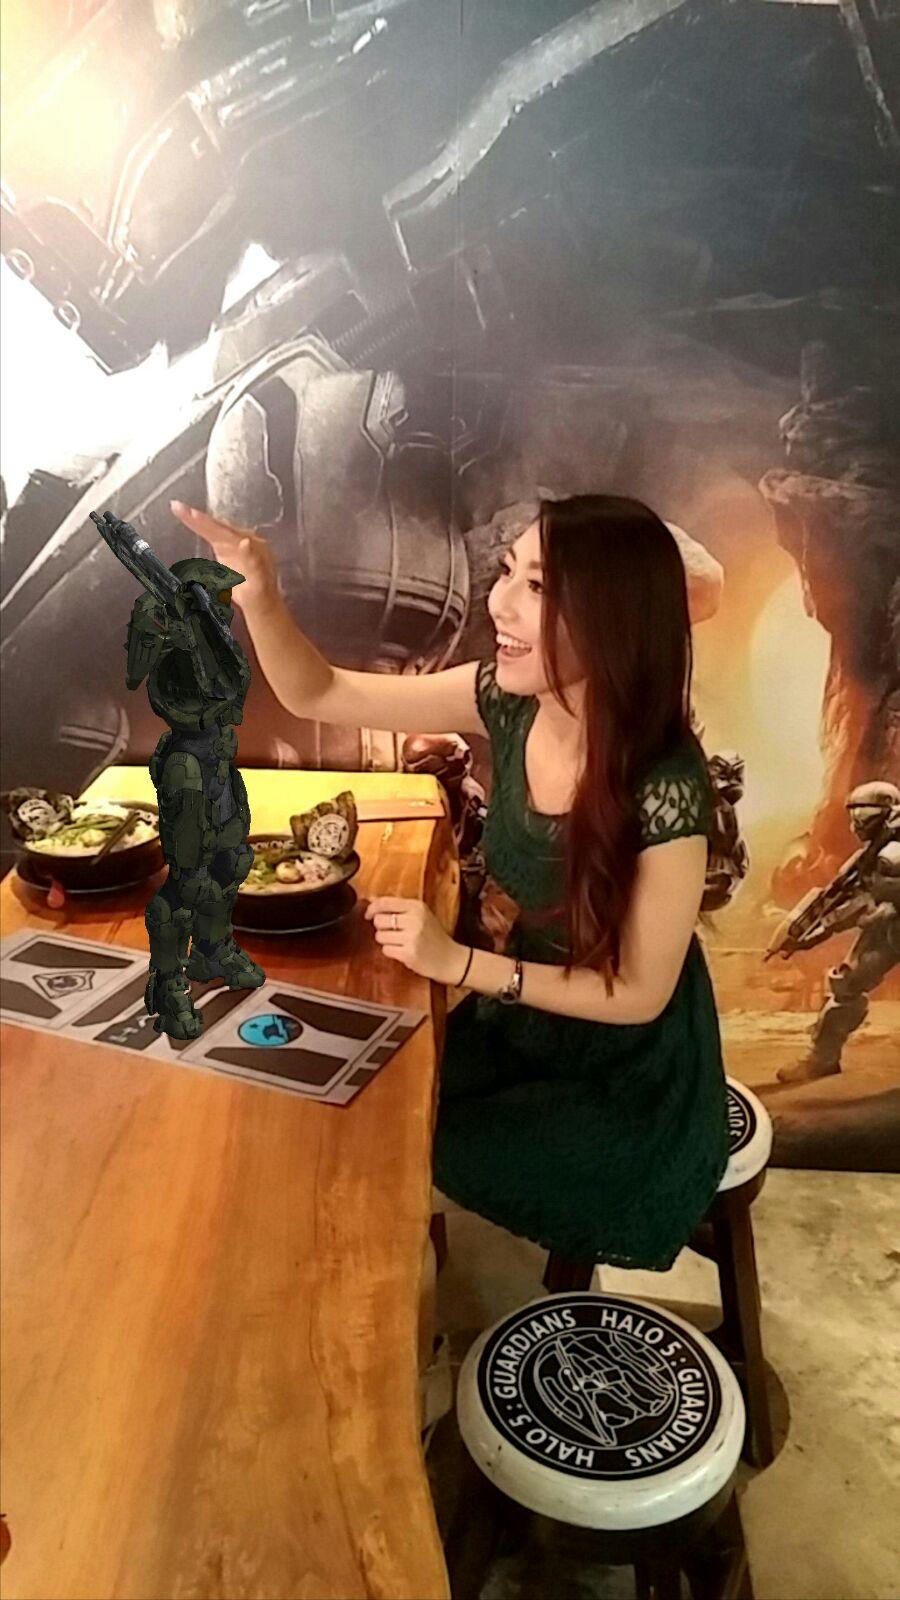 打機先定食麵先好? |  Xbox One X 豚王推特別版拉麵